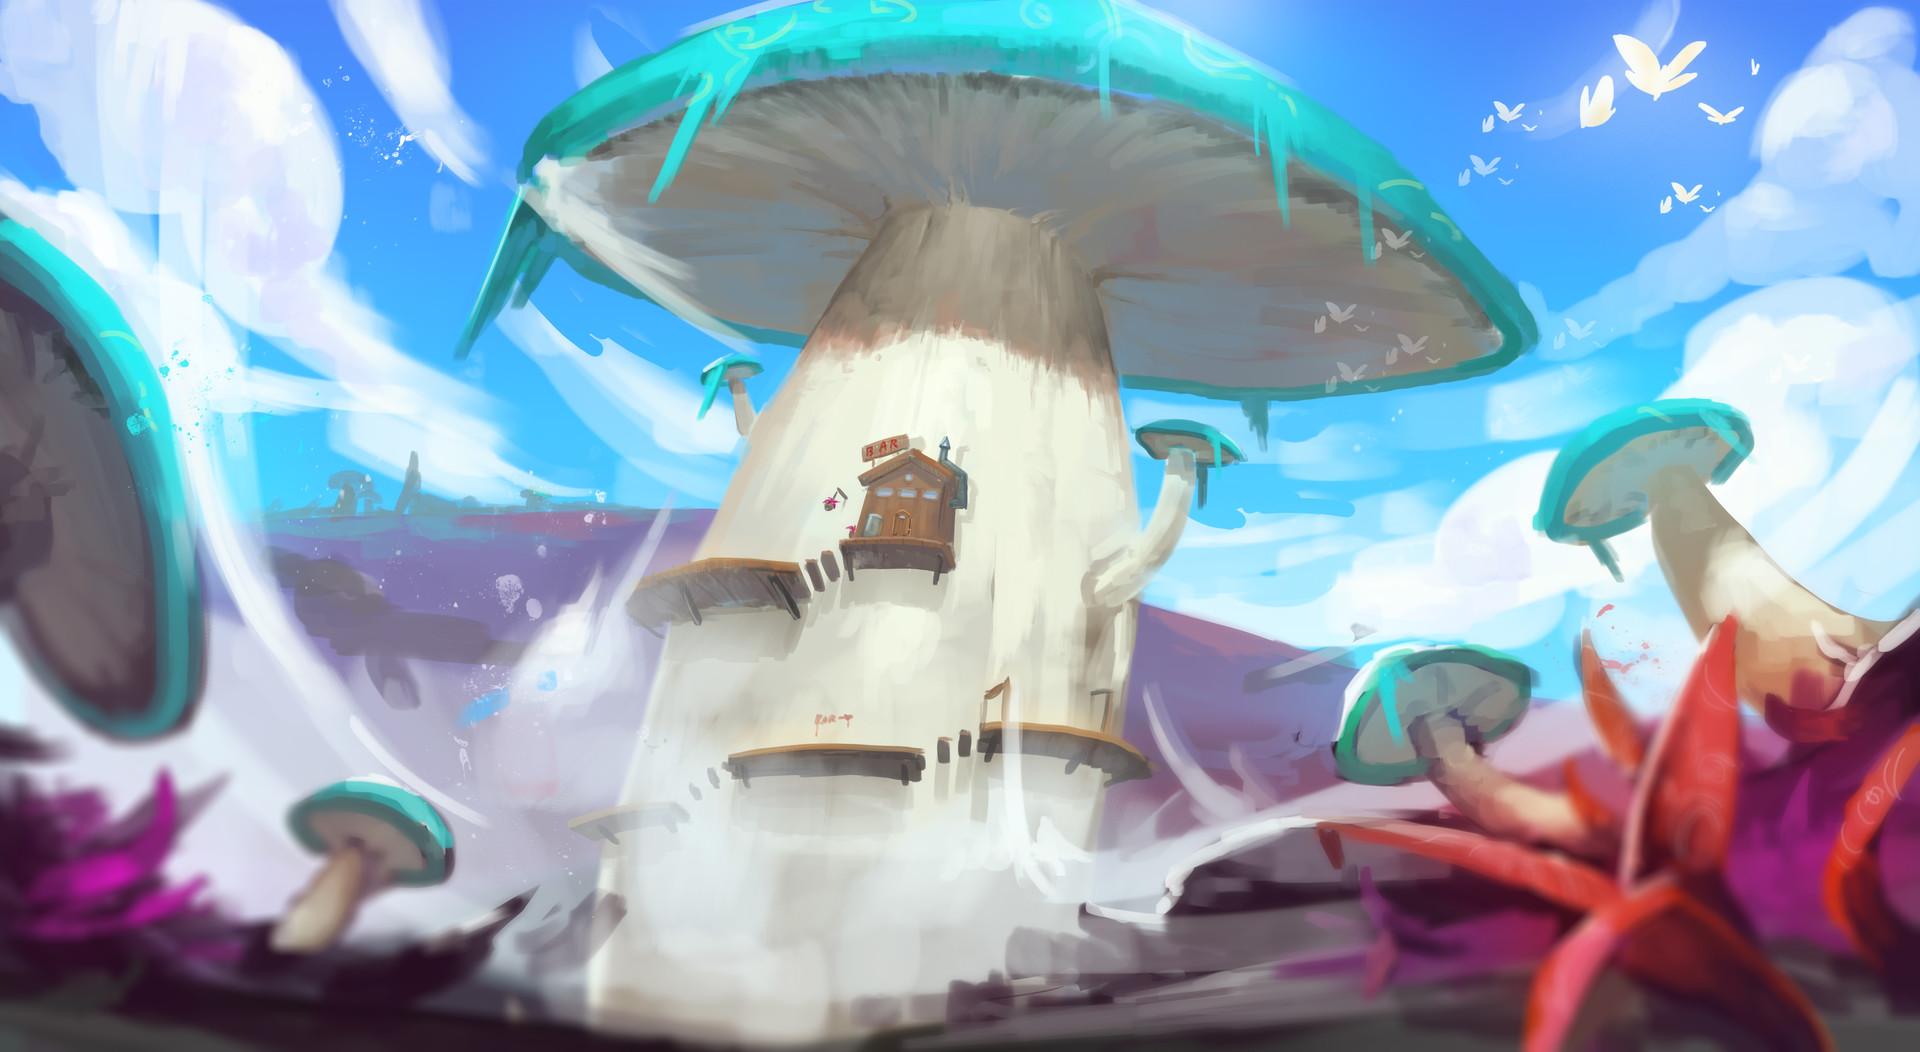 Jeff chen fantasy environment concept